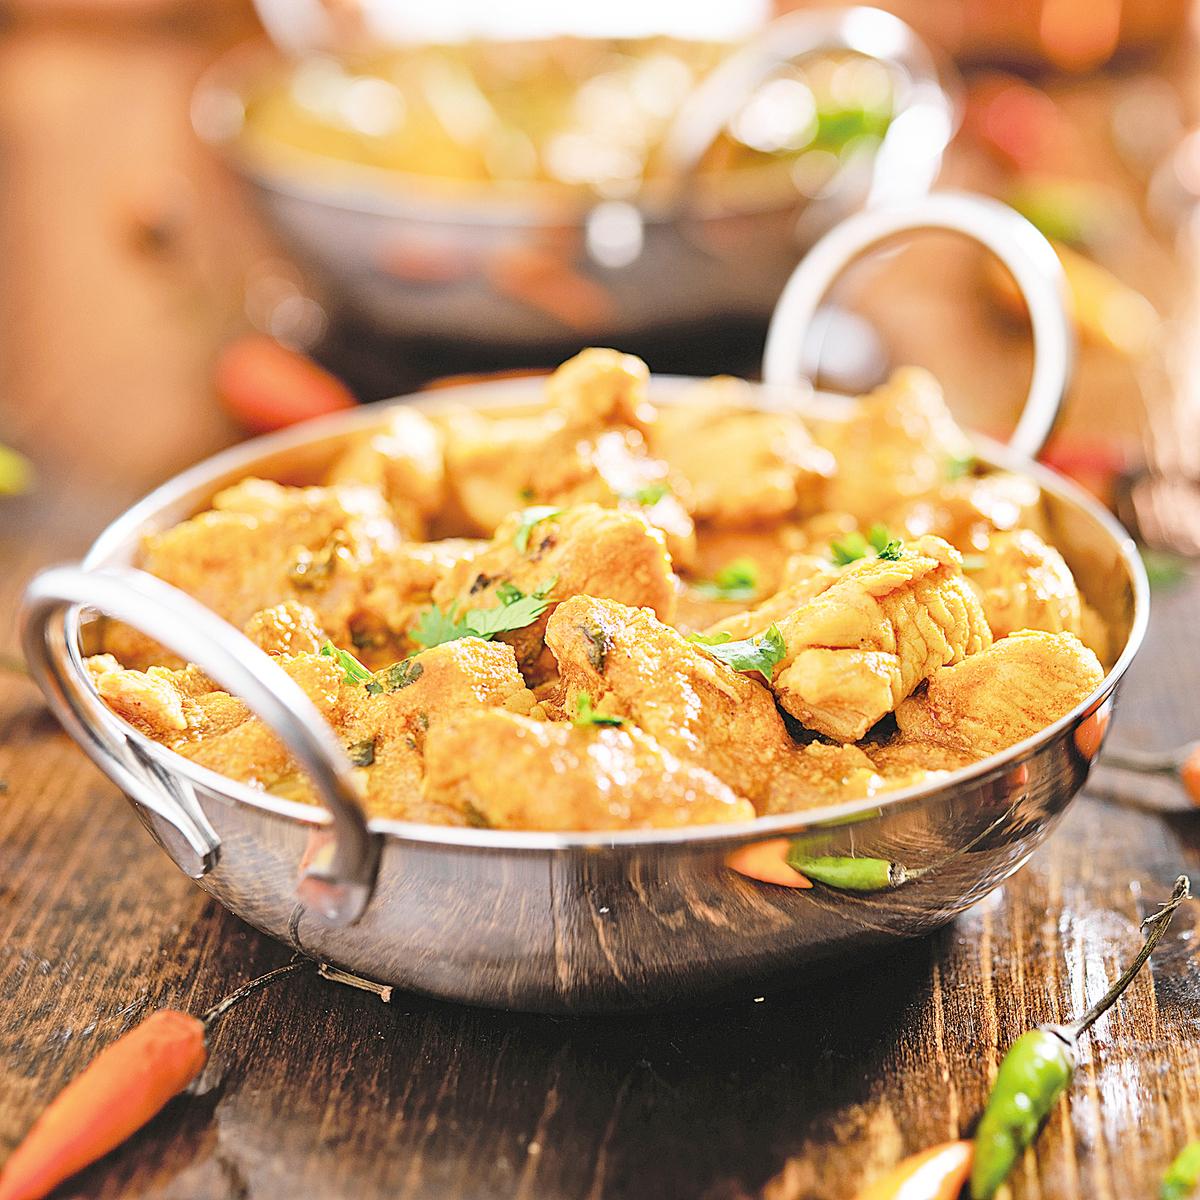 咖哩料理中常含有薑黃,其被認為能夠抑制癌症。